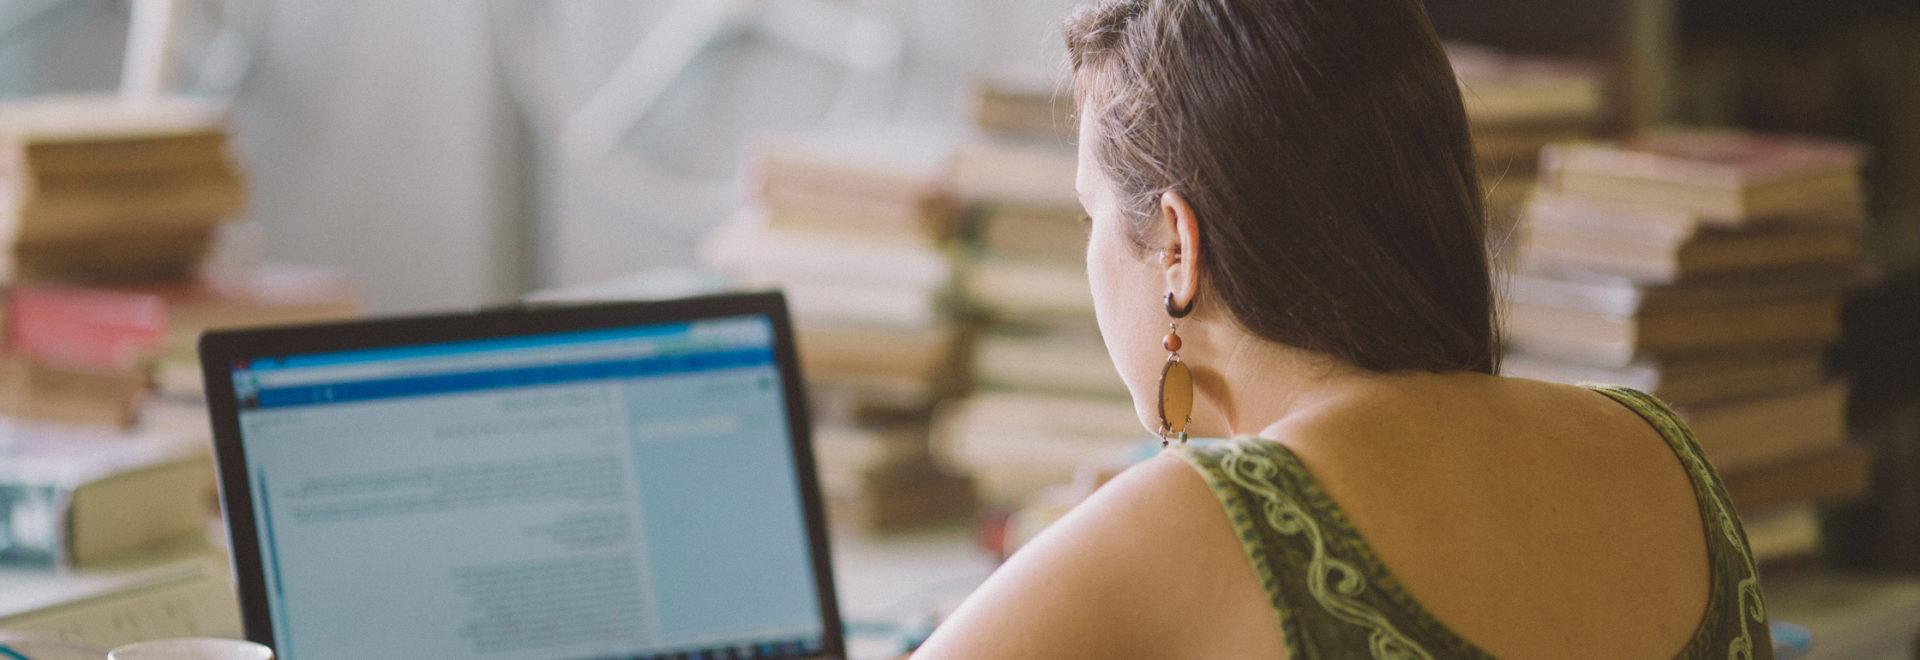 Cursos Homologados a distancia de CEVI: la forma más rápida y fácil de sumar puntos para tu baremo